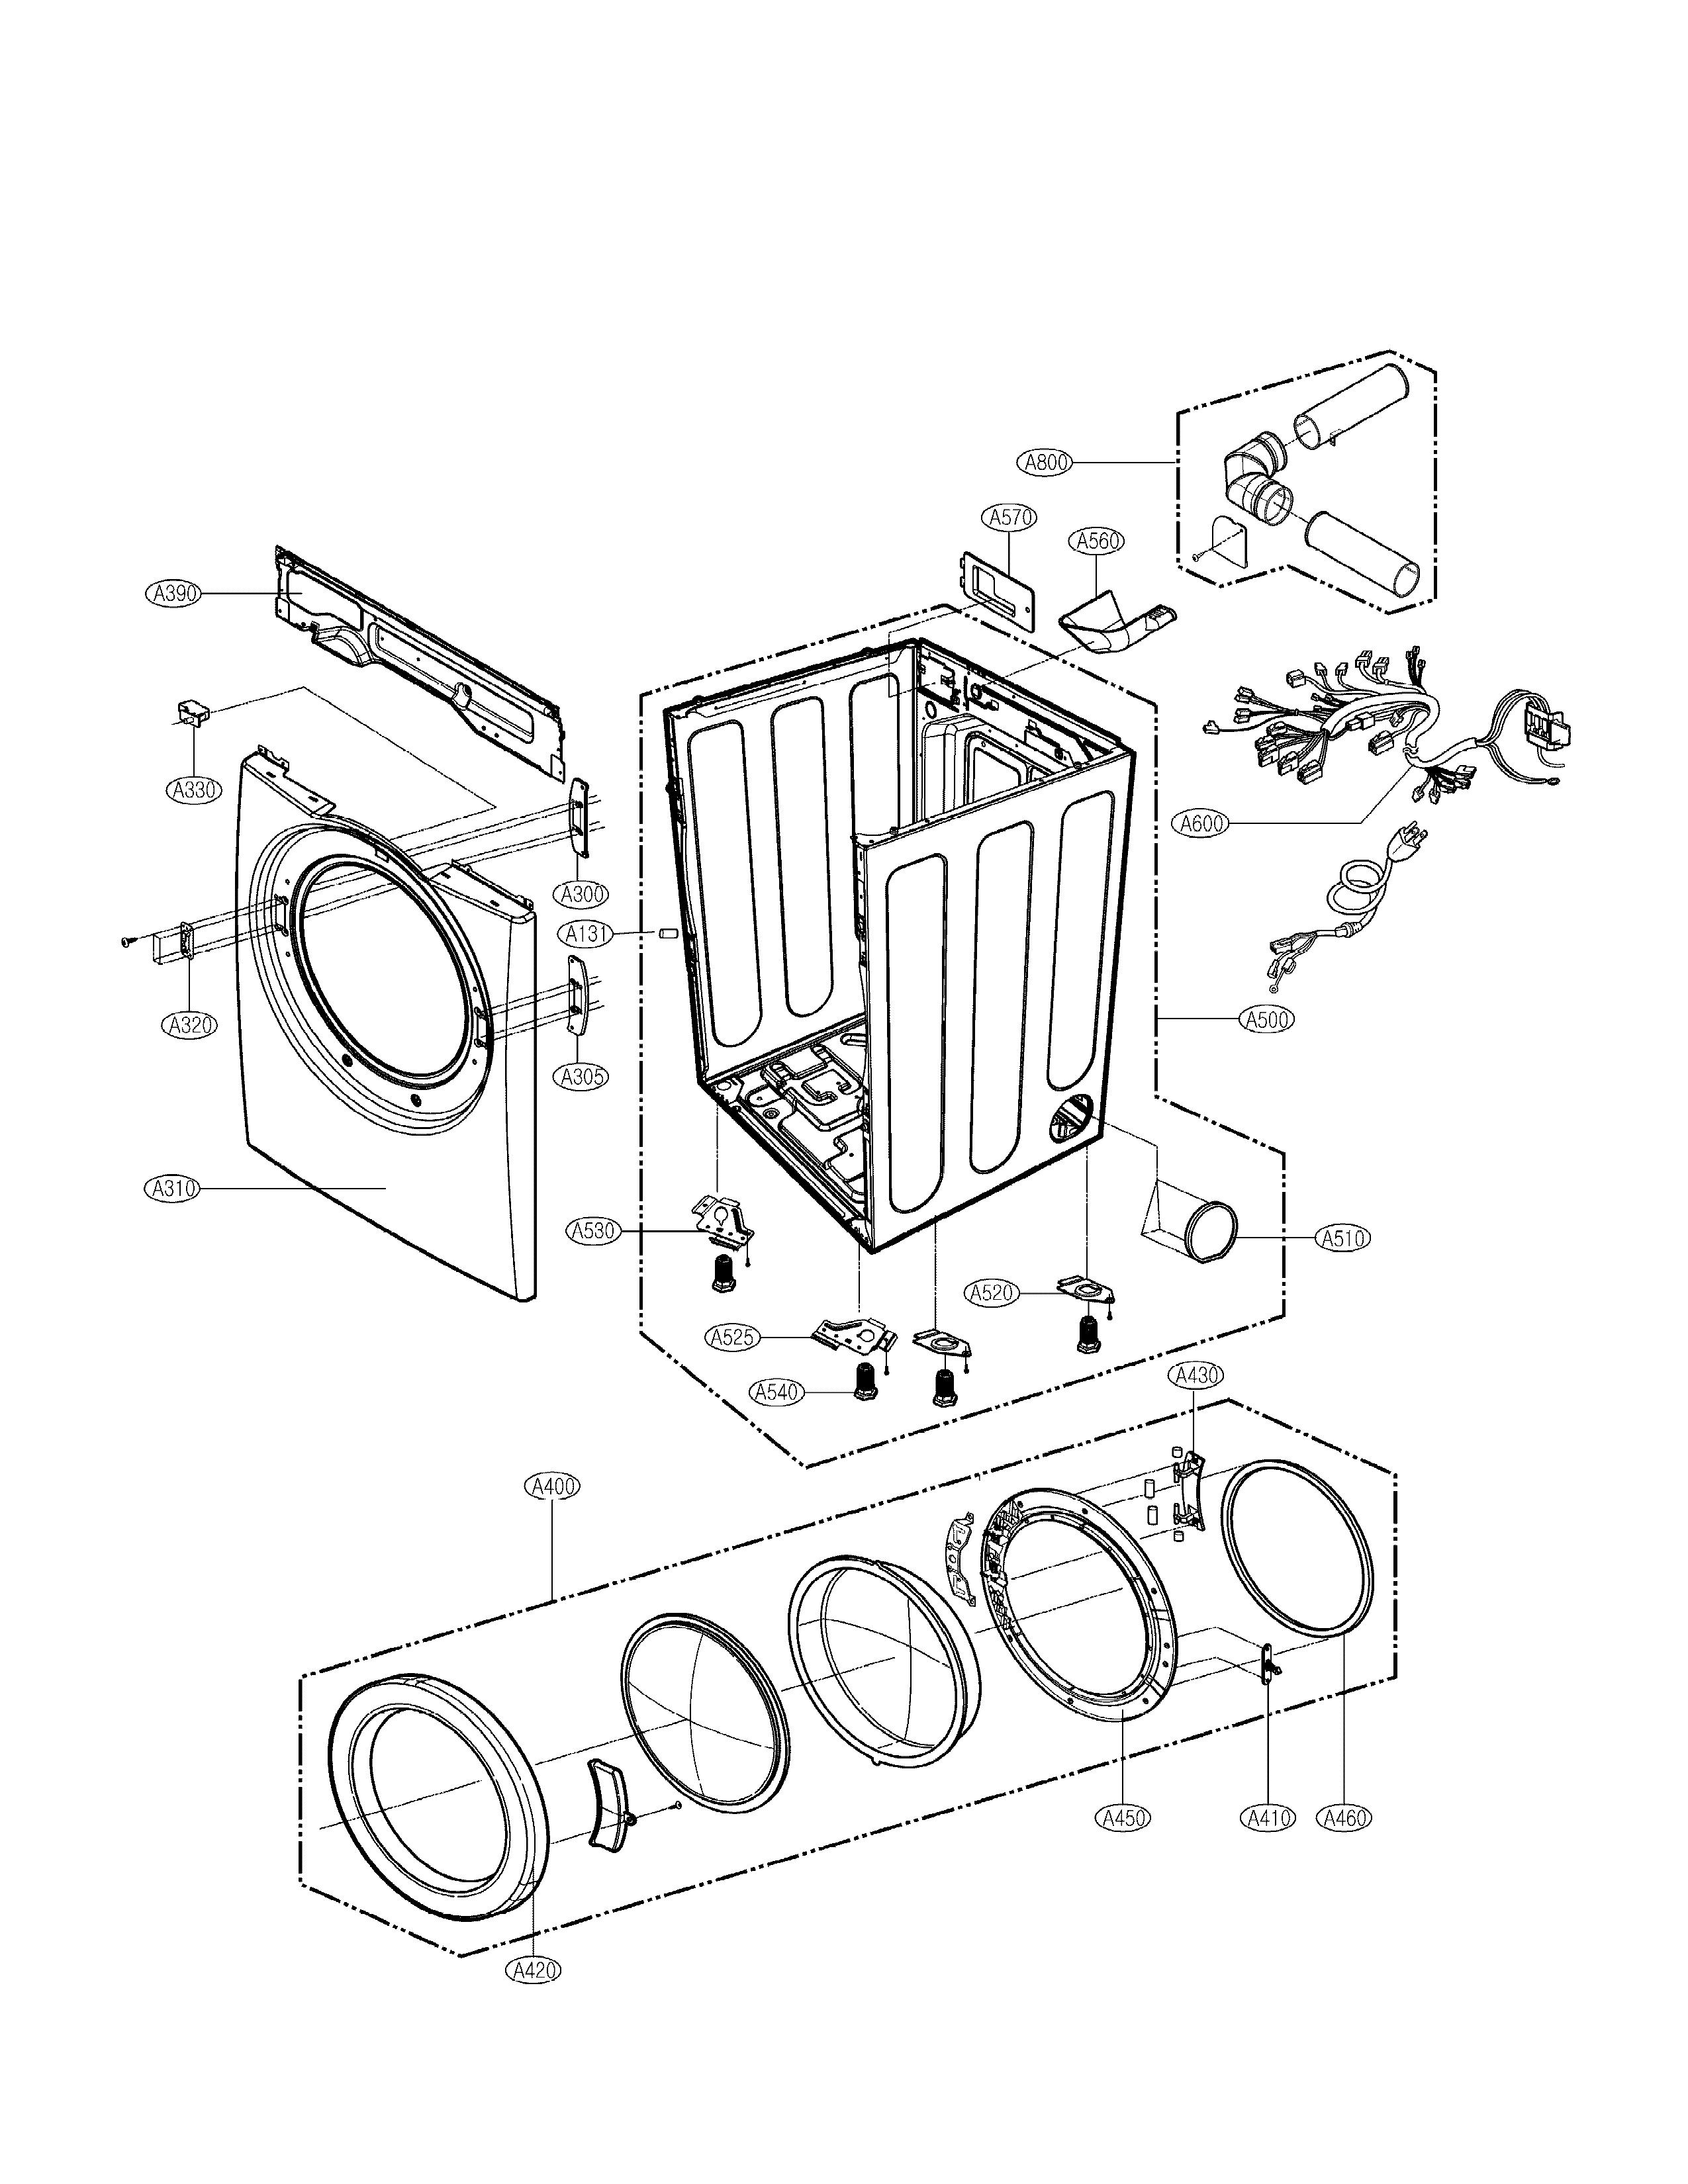 Ceiling fan pull chain, Bathroom fan light, Diagram